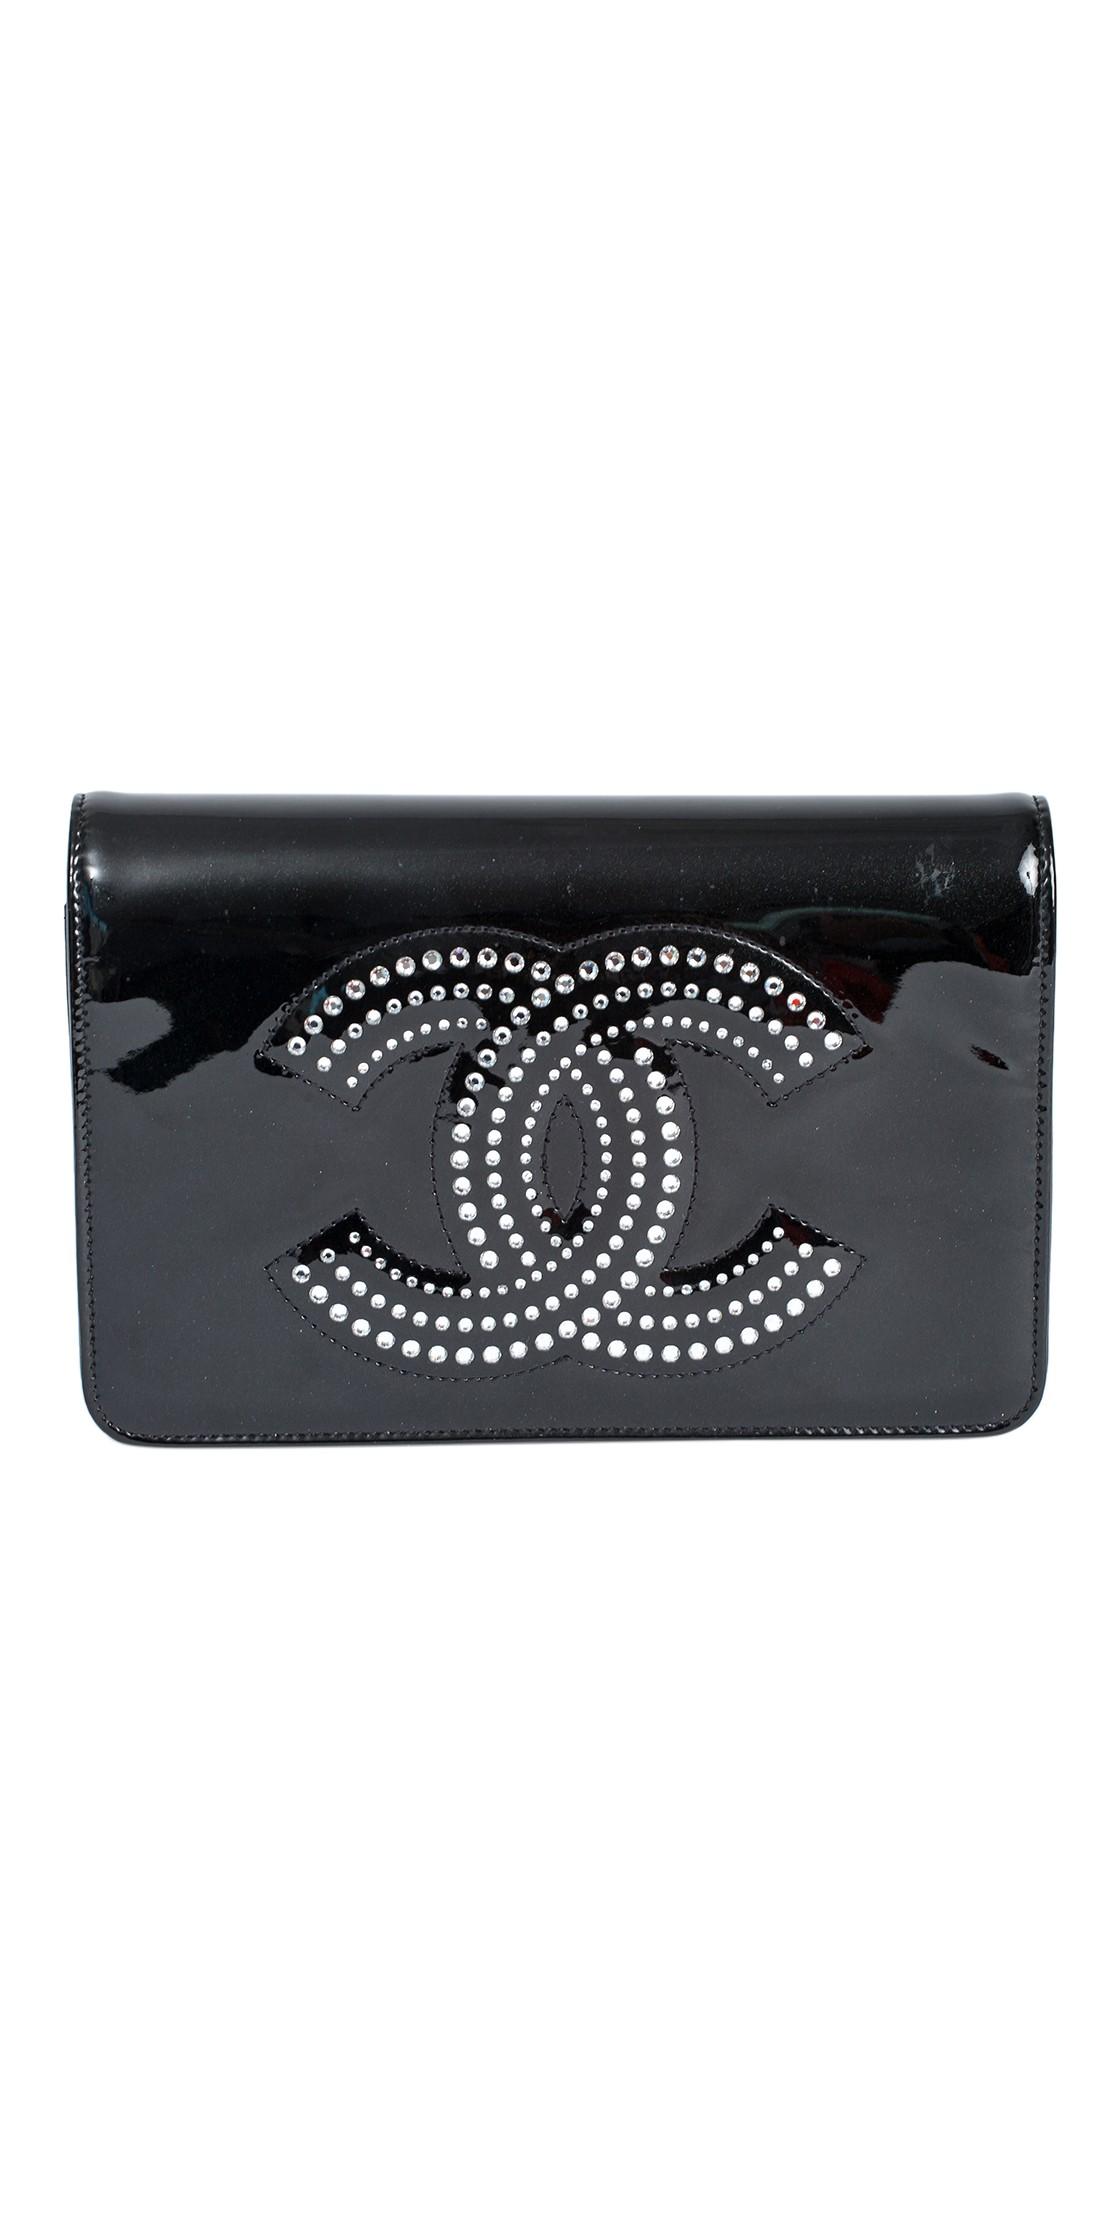 6df799cc49a9da Chanel Patent Leather Embellished Clutch   Clutch Rental  Dubai Rent a  Clutch - Designer-24.com [D24]